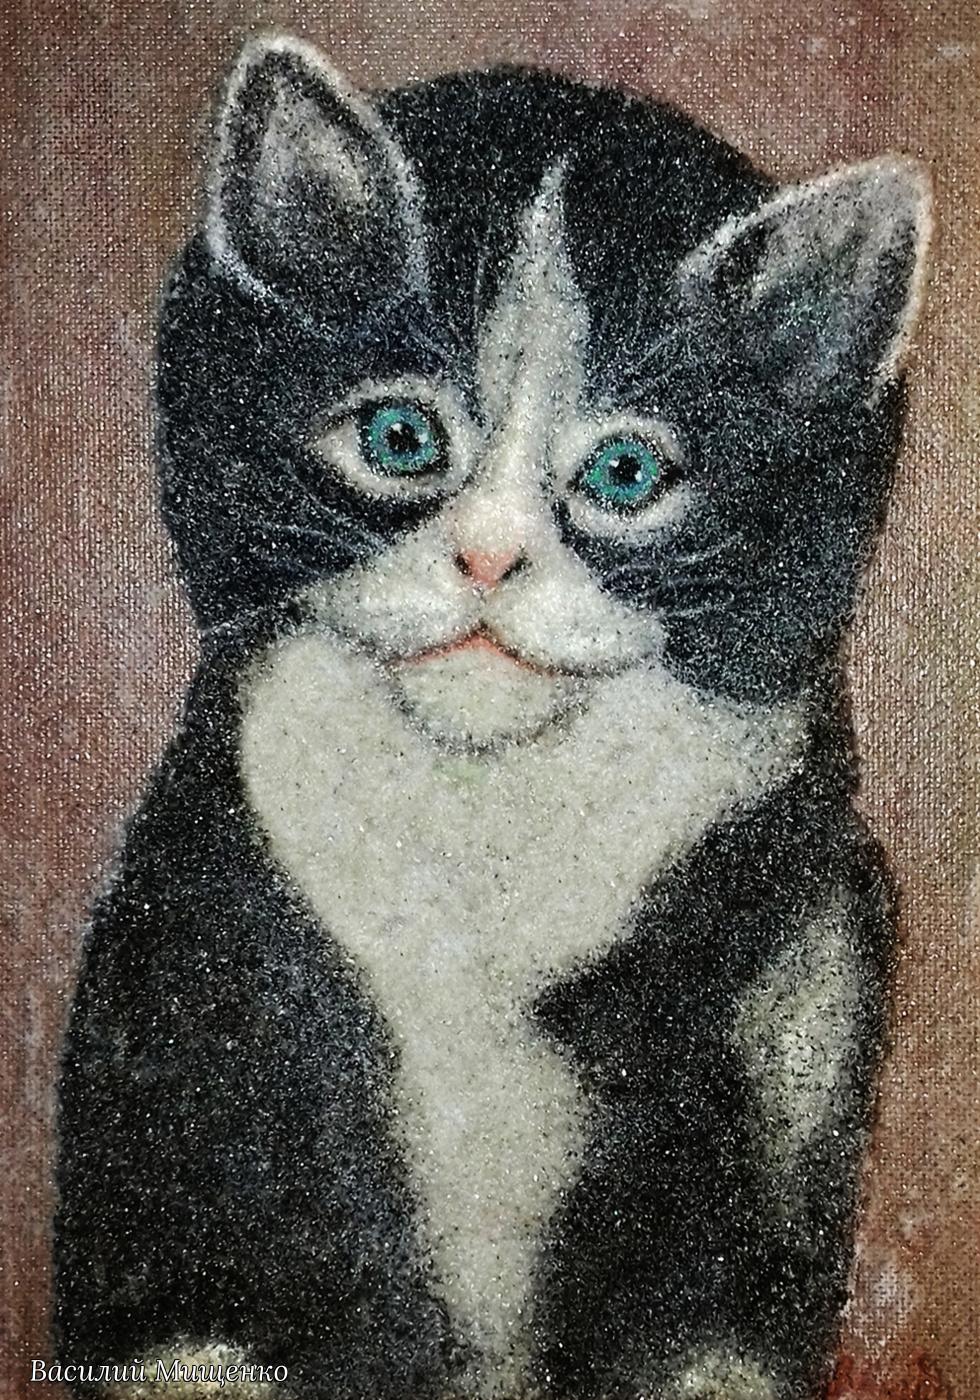 Vasiliy Mishchenko. Kitty